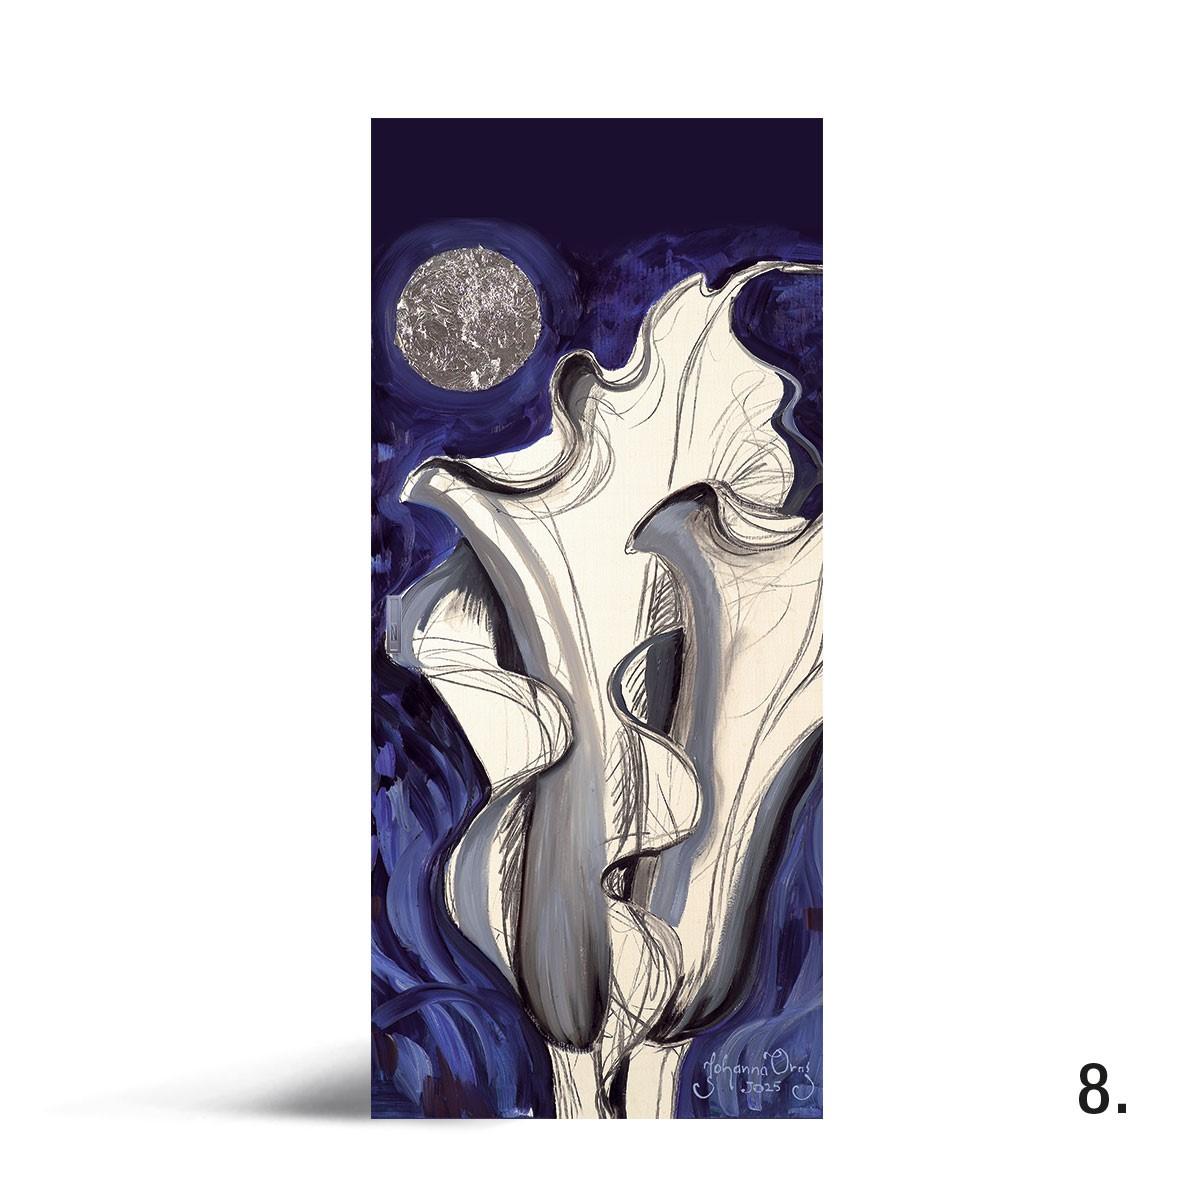 Liune Taide - D20 by Johanna Oras: Blue velvet